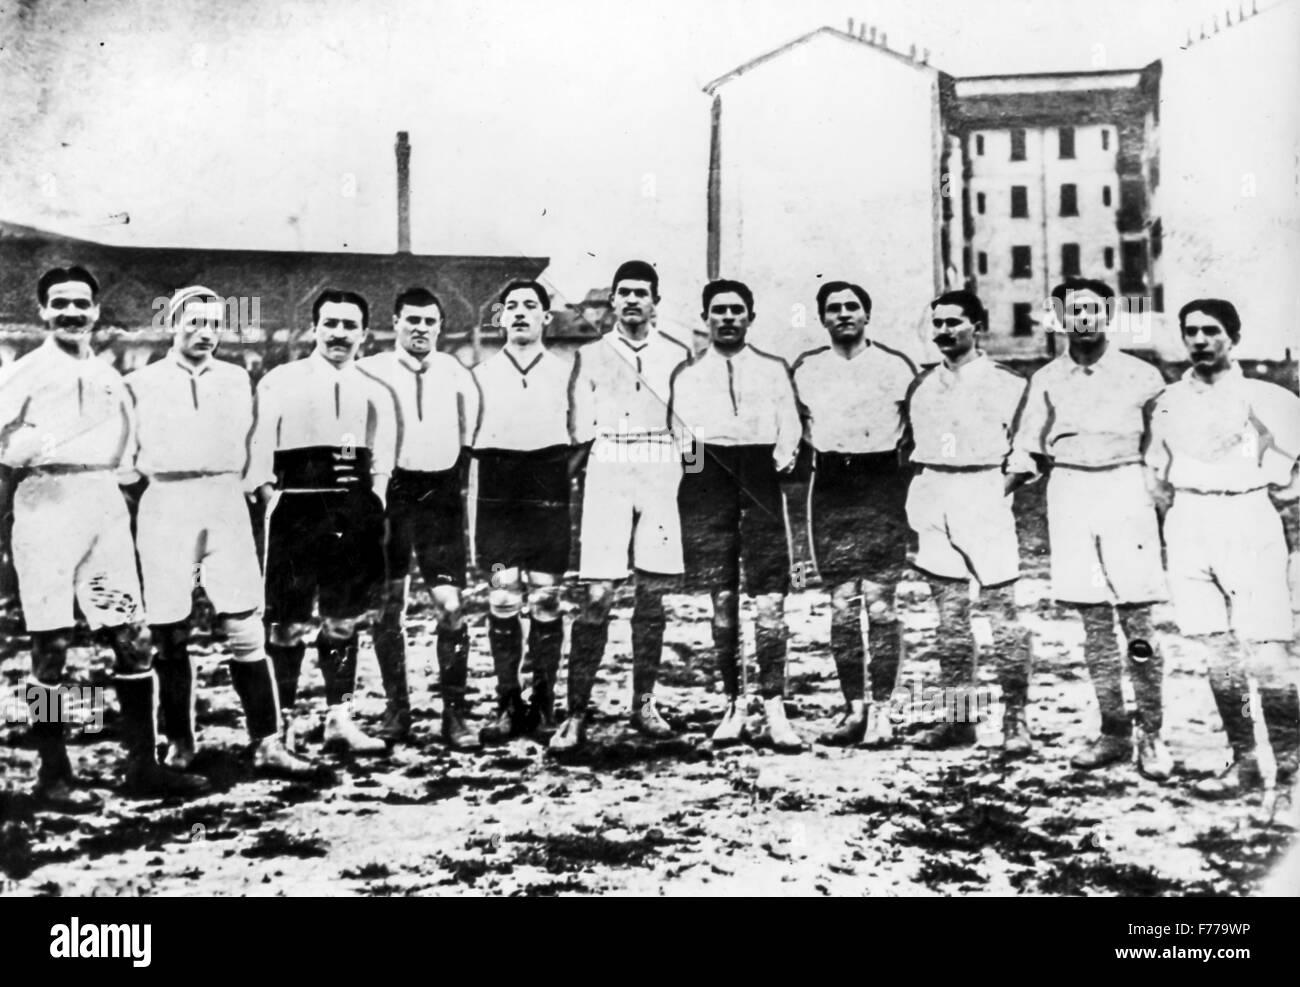 Maggio 15,1910,la squadra nazionale italiana al debutto in un amichevole contro la Francia,l'Arena di Milano Immagini Stock